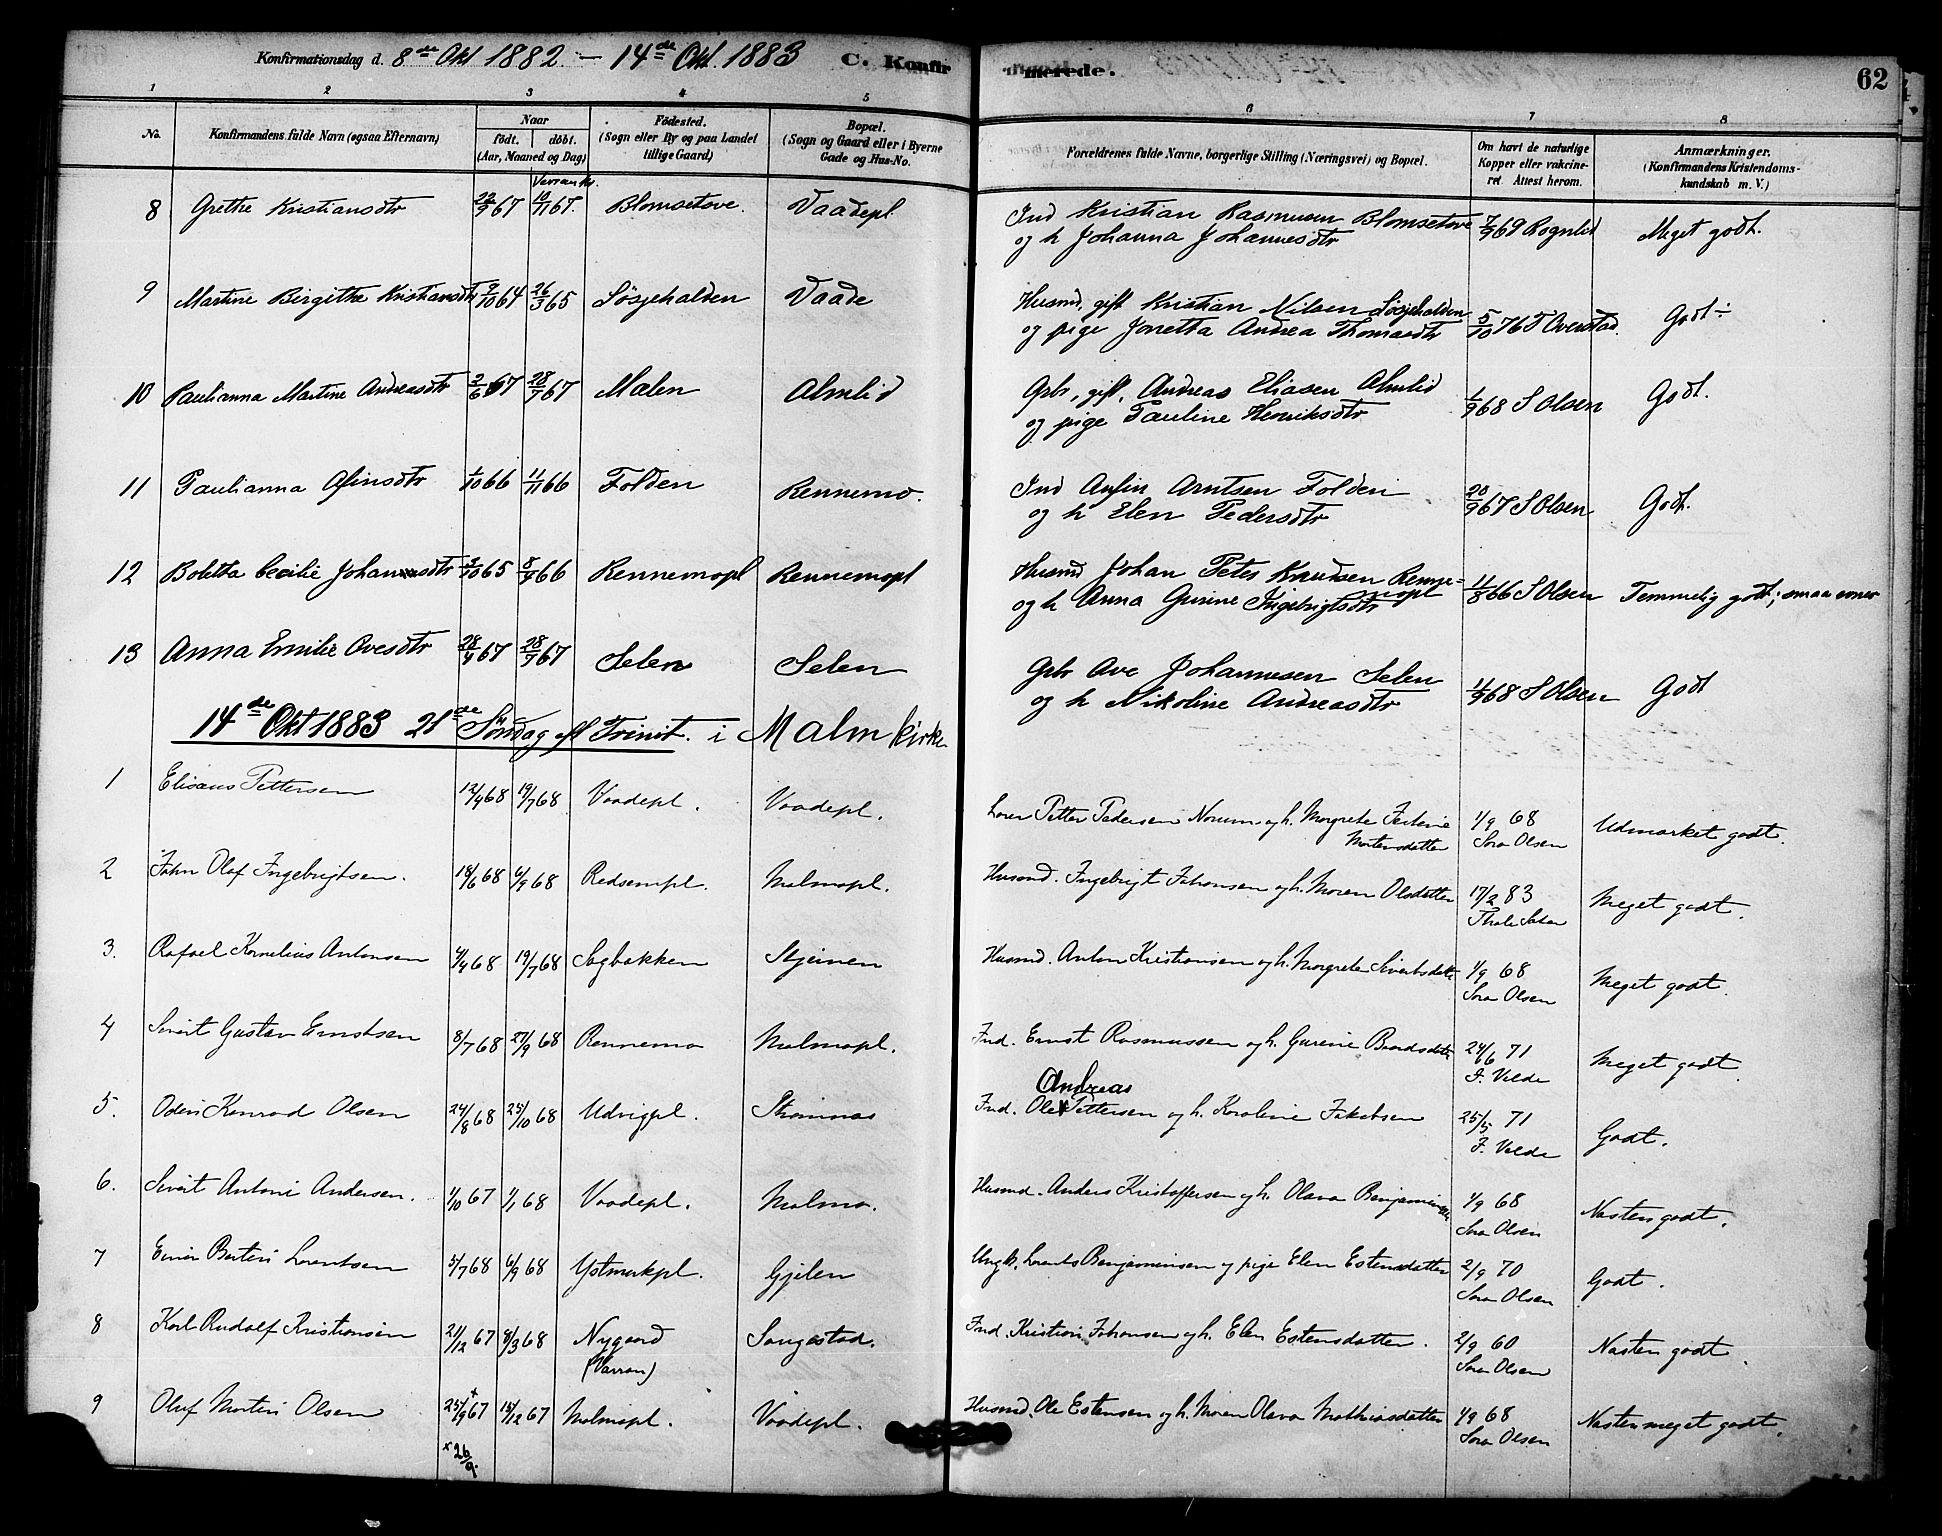 SAT, Ministerialprotokoller, klokkerbøker og fødselsregistre - Nord-Trøndelag, 745/L0429: Ministerialbok nr. 745A01, 1878-1894, s. 62